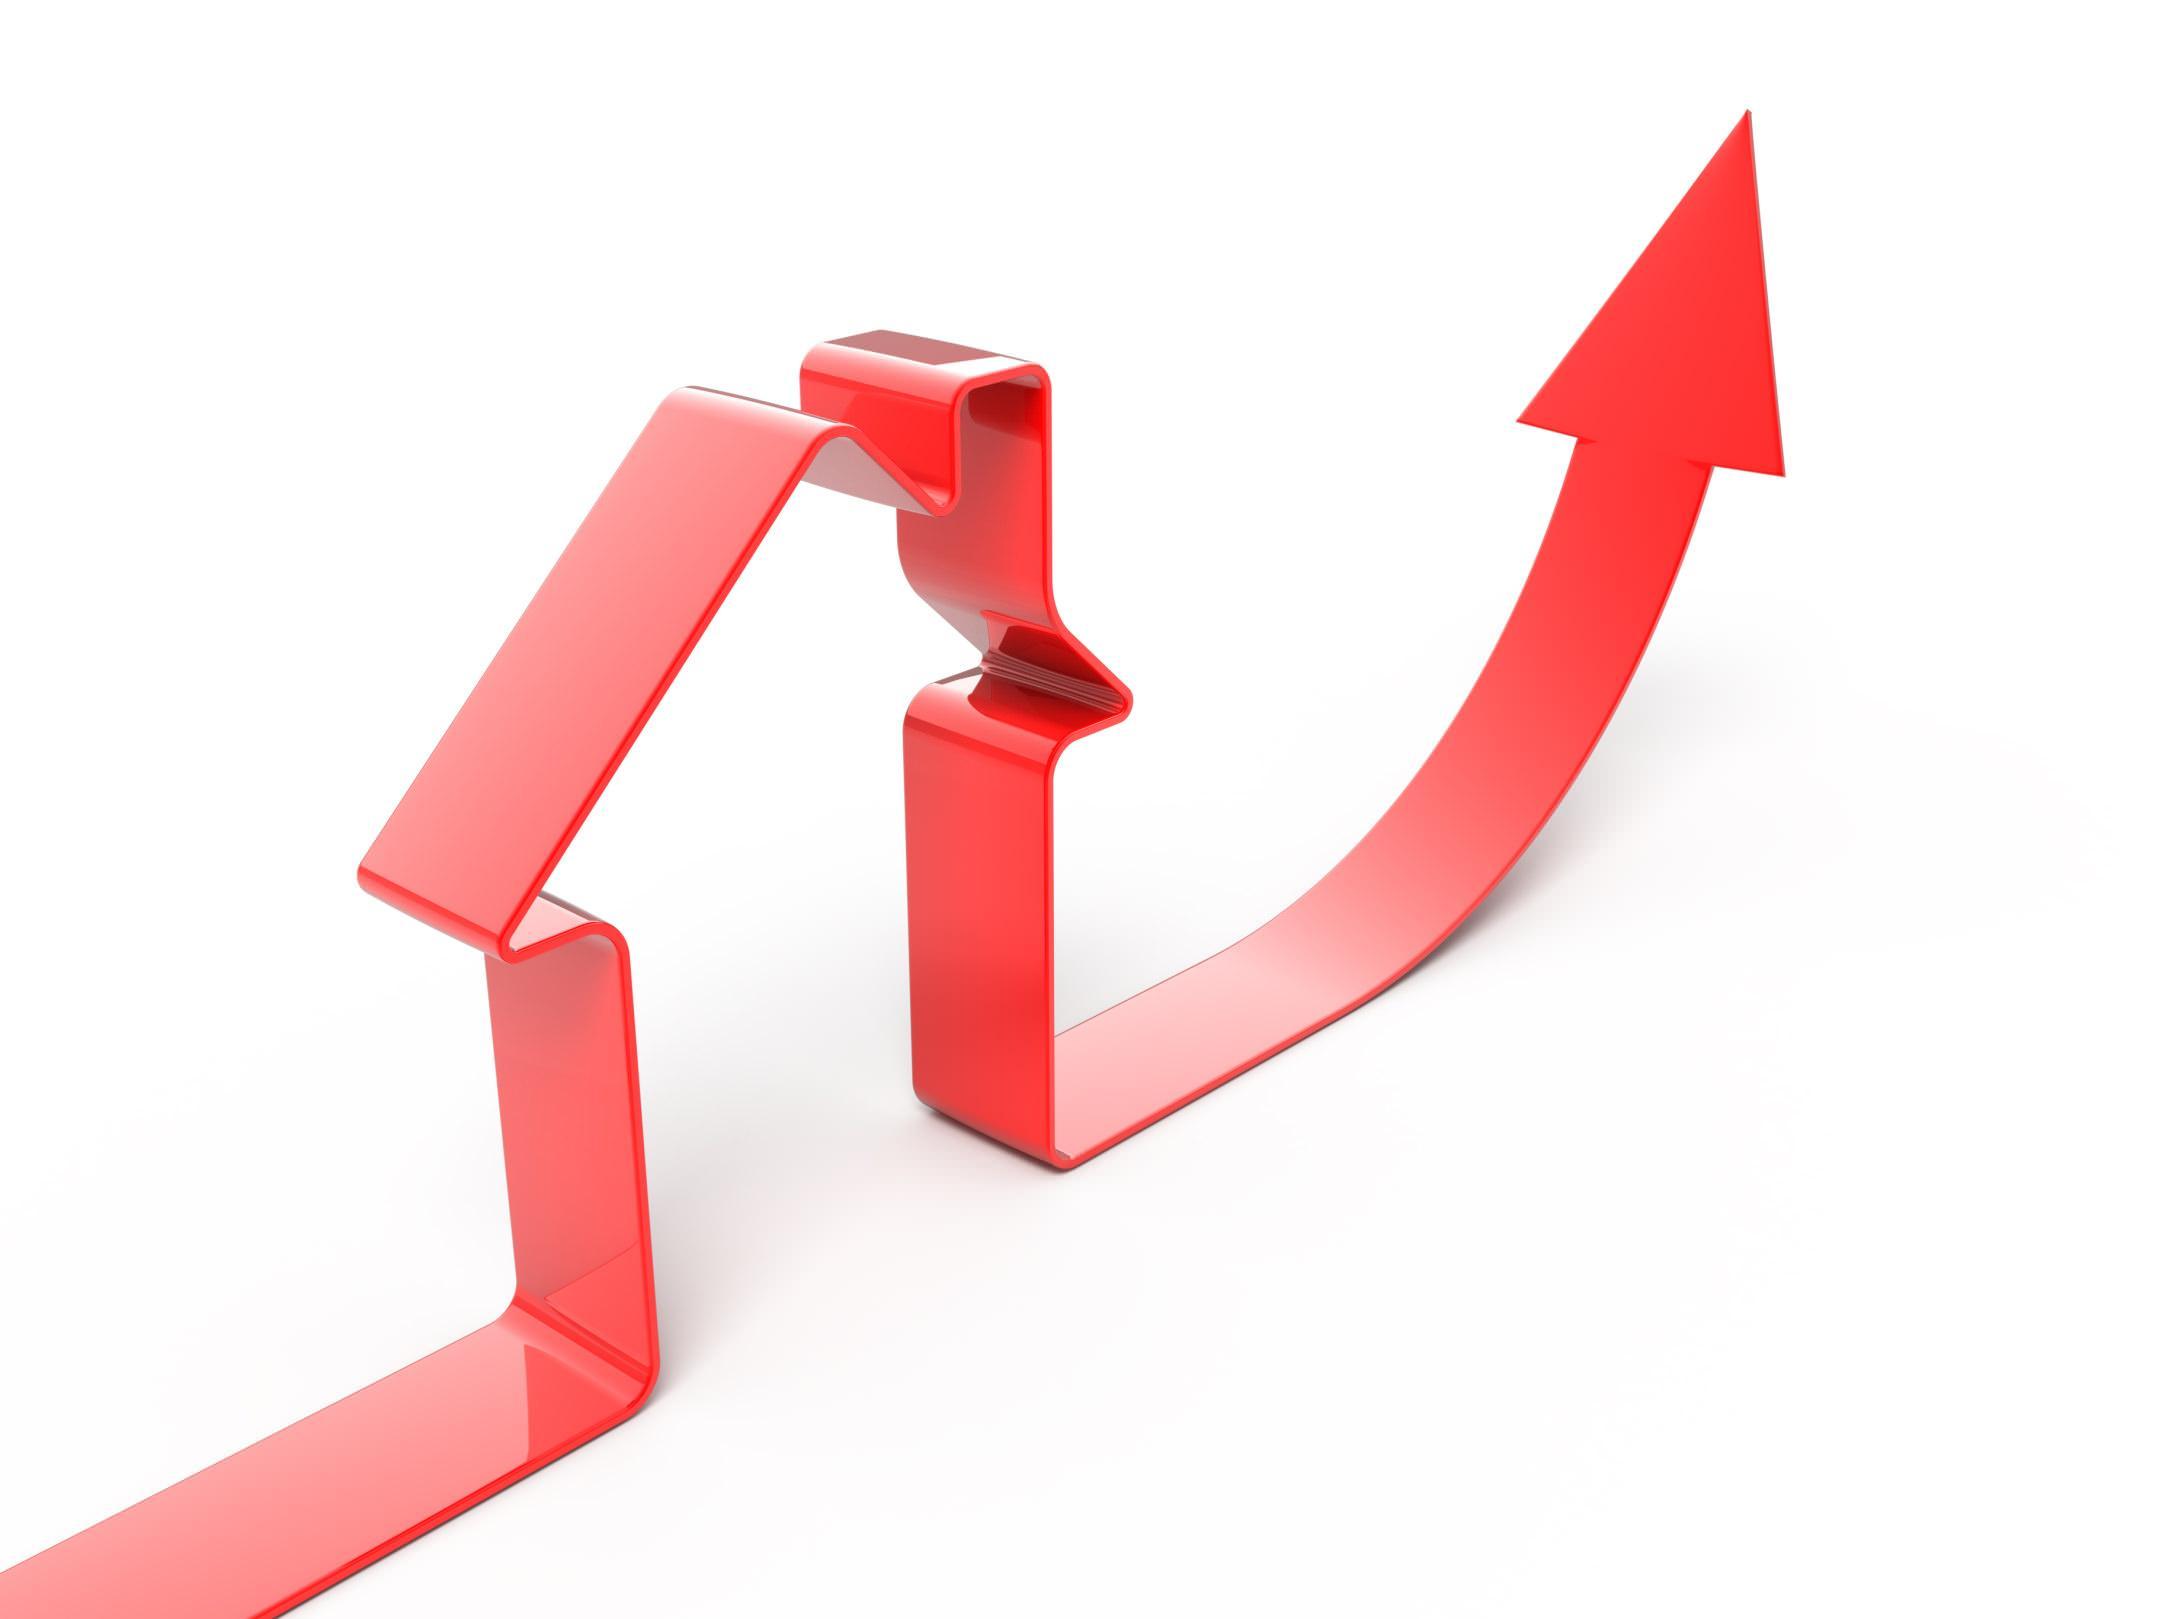 Norme per gli annunci compravendite immobiliari